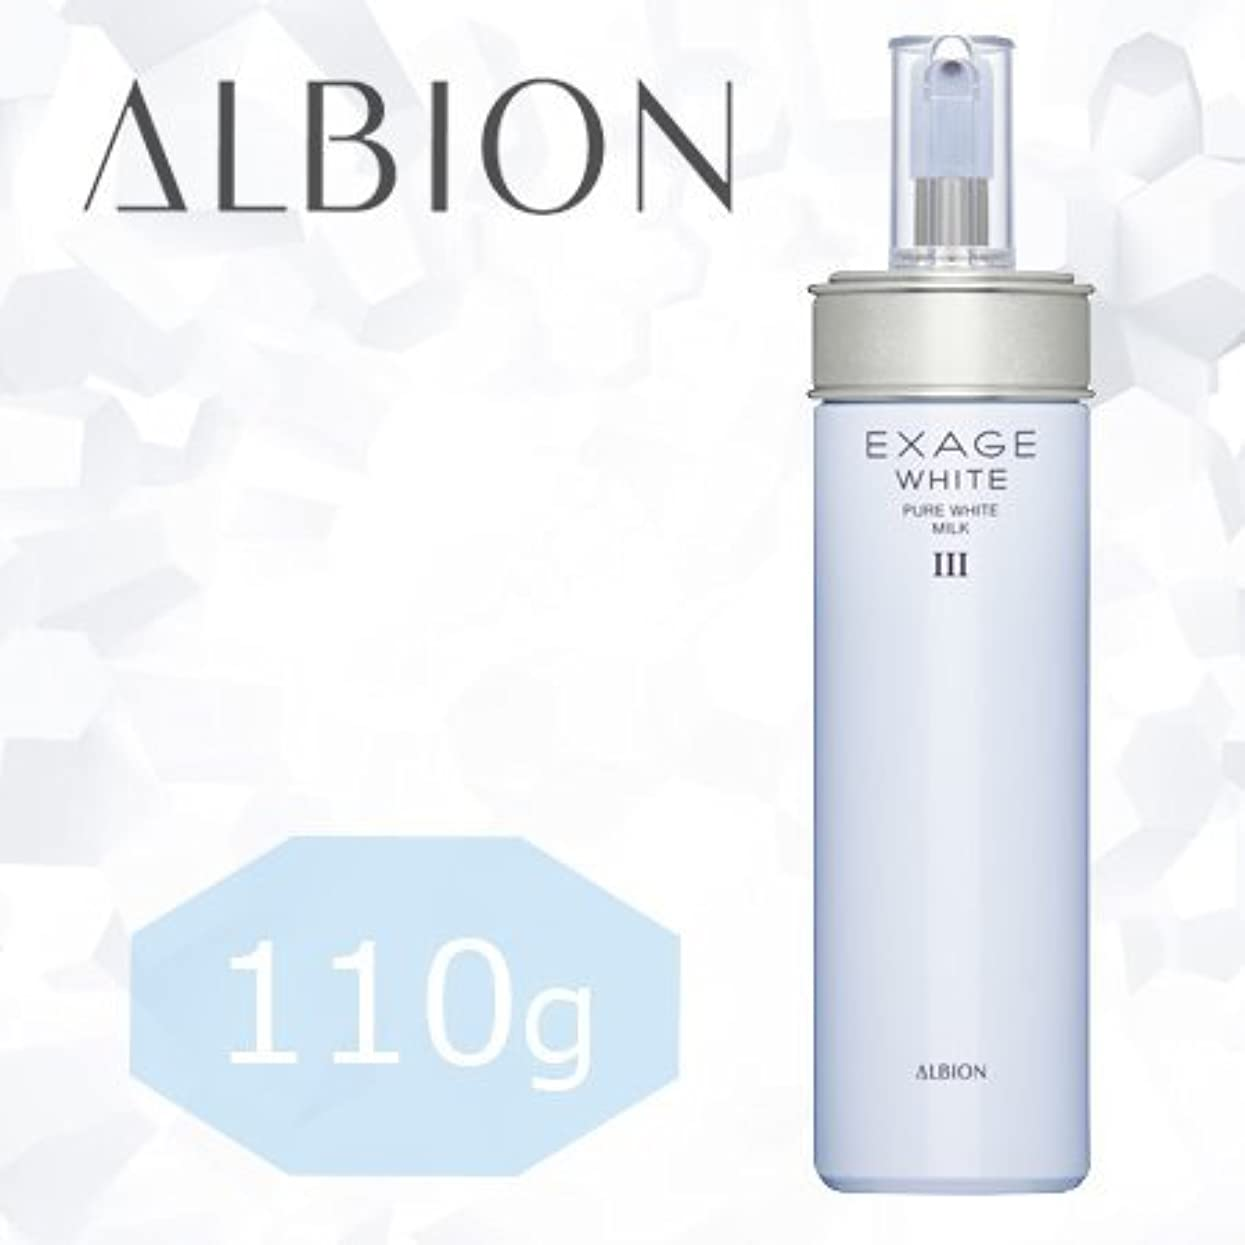 ボウリング年齢豚アルビオン エクサージュホワイト ピュアホワイト ミルク 3 110g